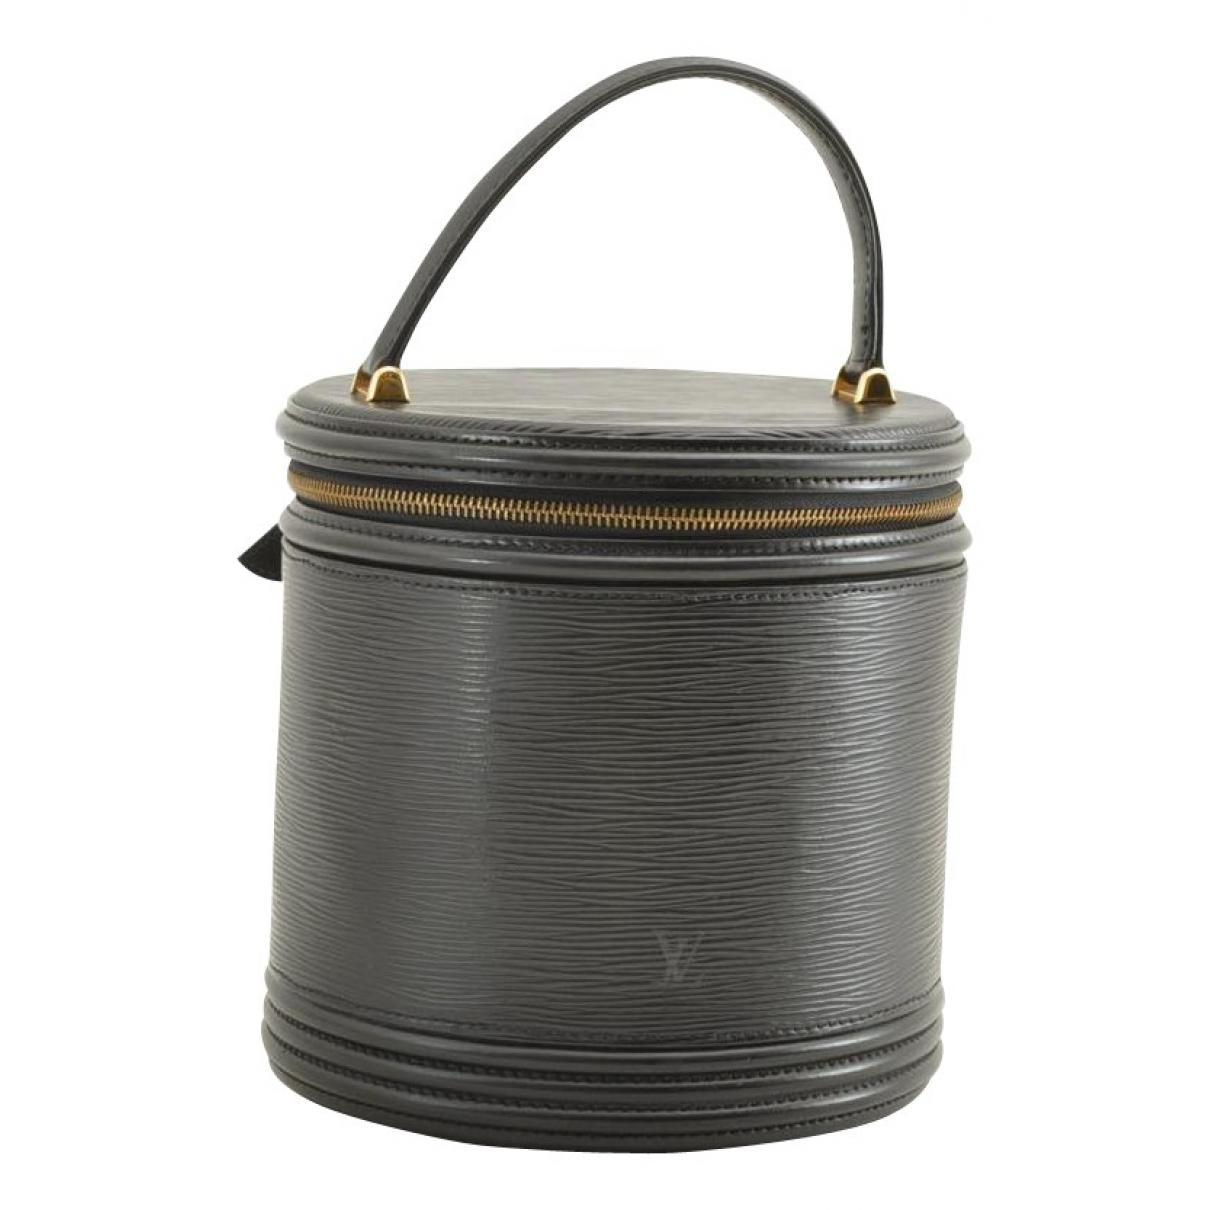 Louis Vuitton Cannes Black Patent leather handbag for Women N